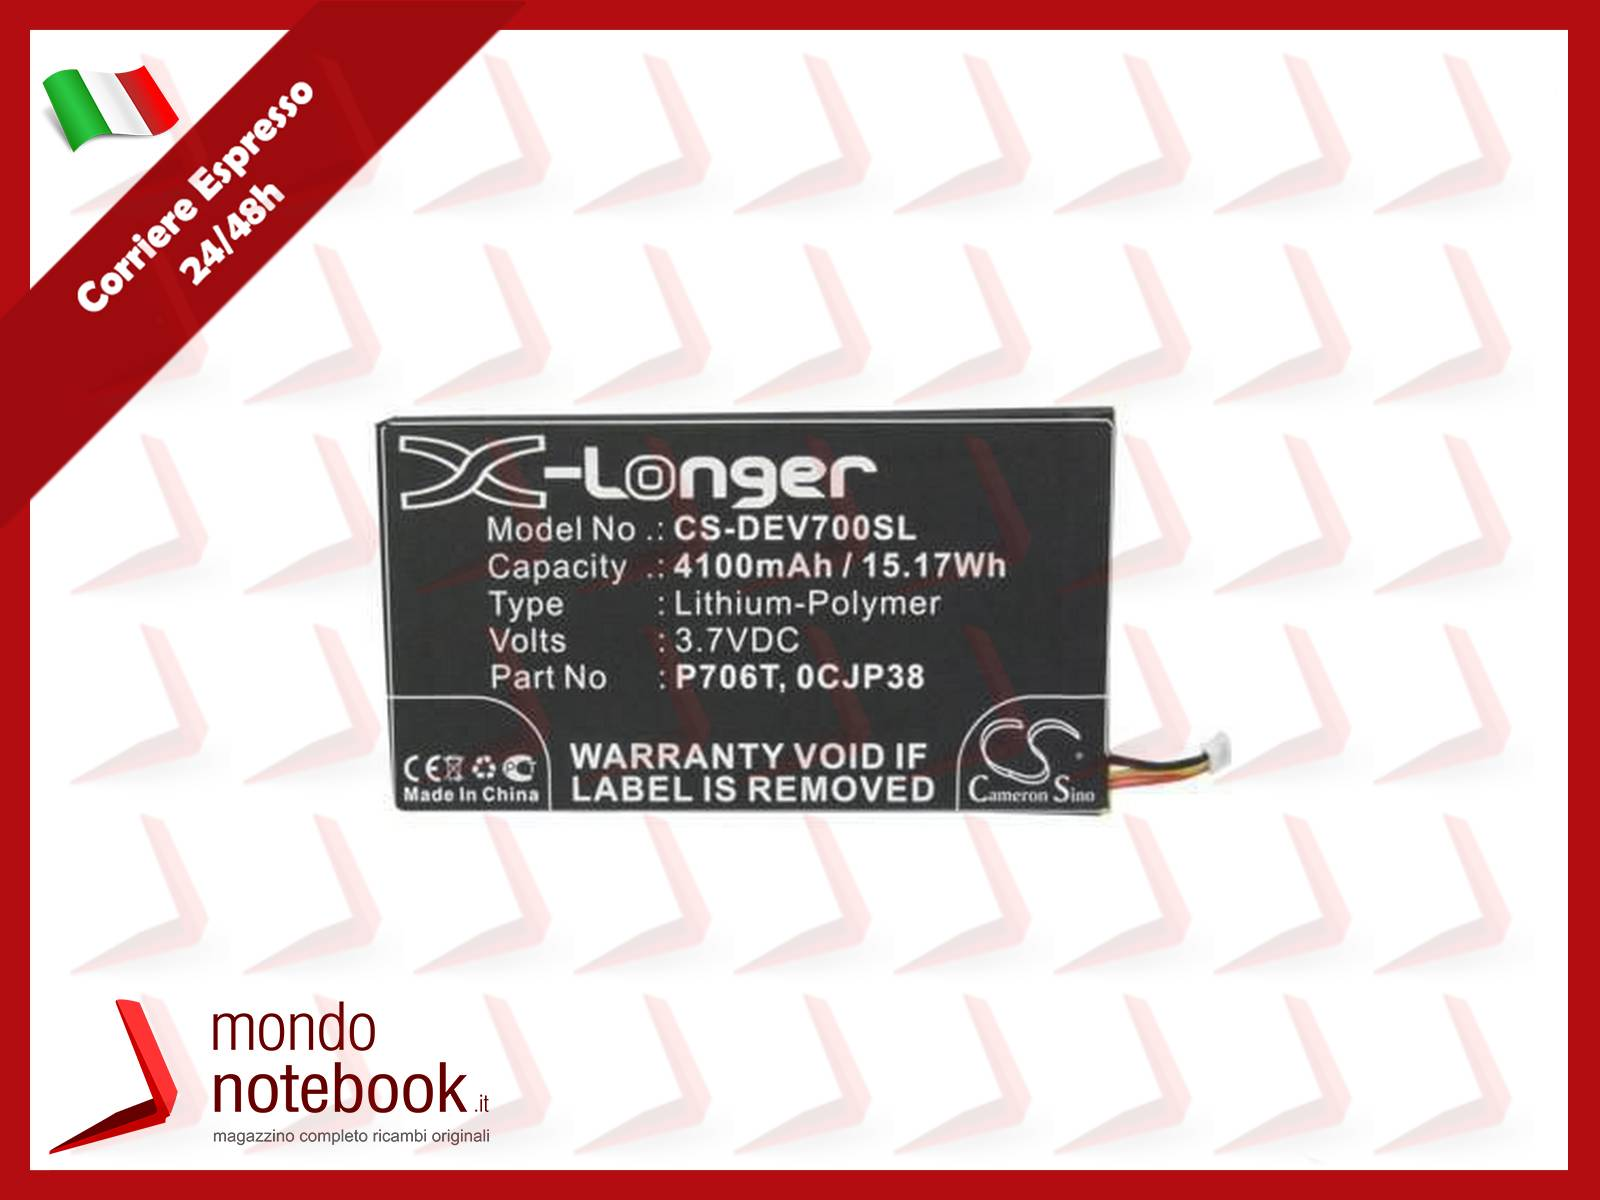 green-cell-pro-batteria-per-dell-latitude-e6220-e6230-e6320-e6320-111v-5200mah